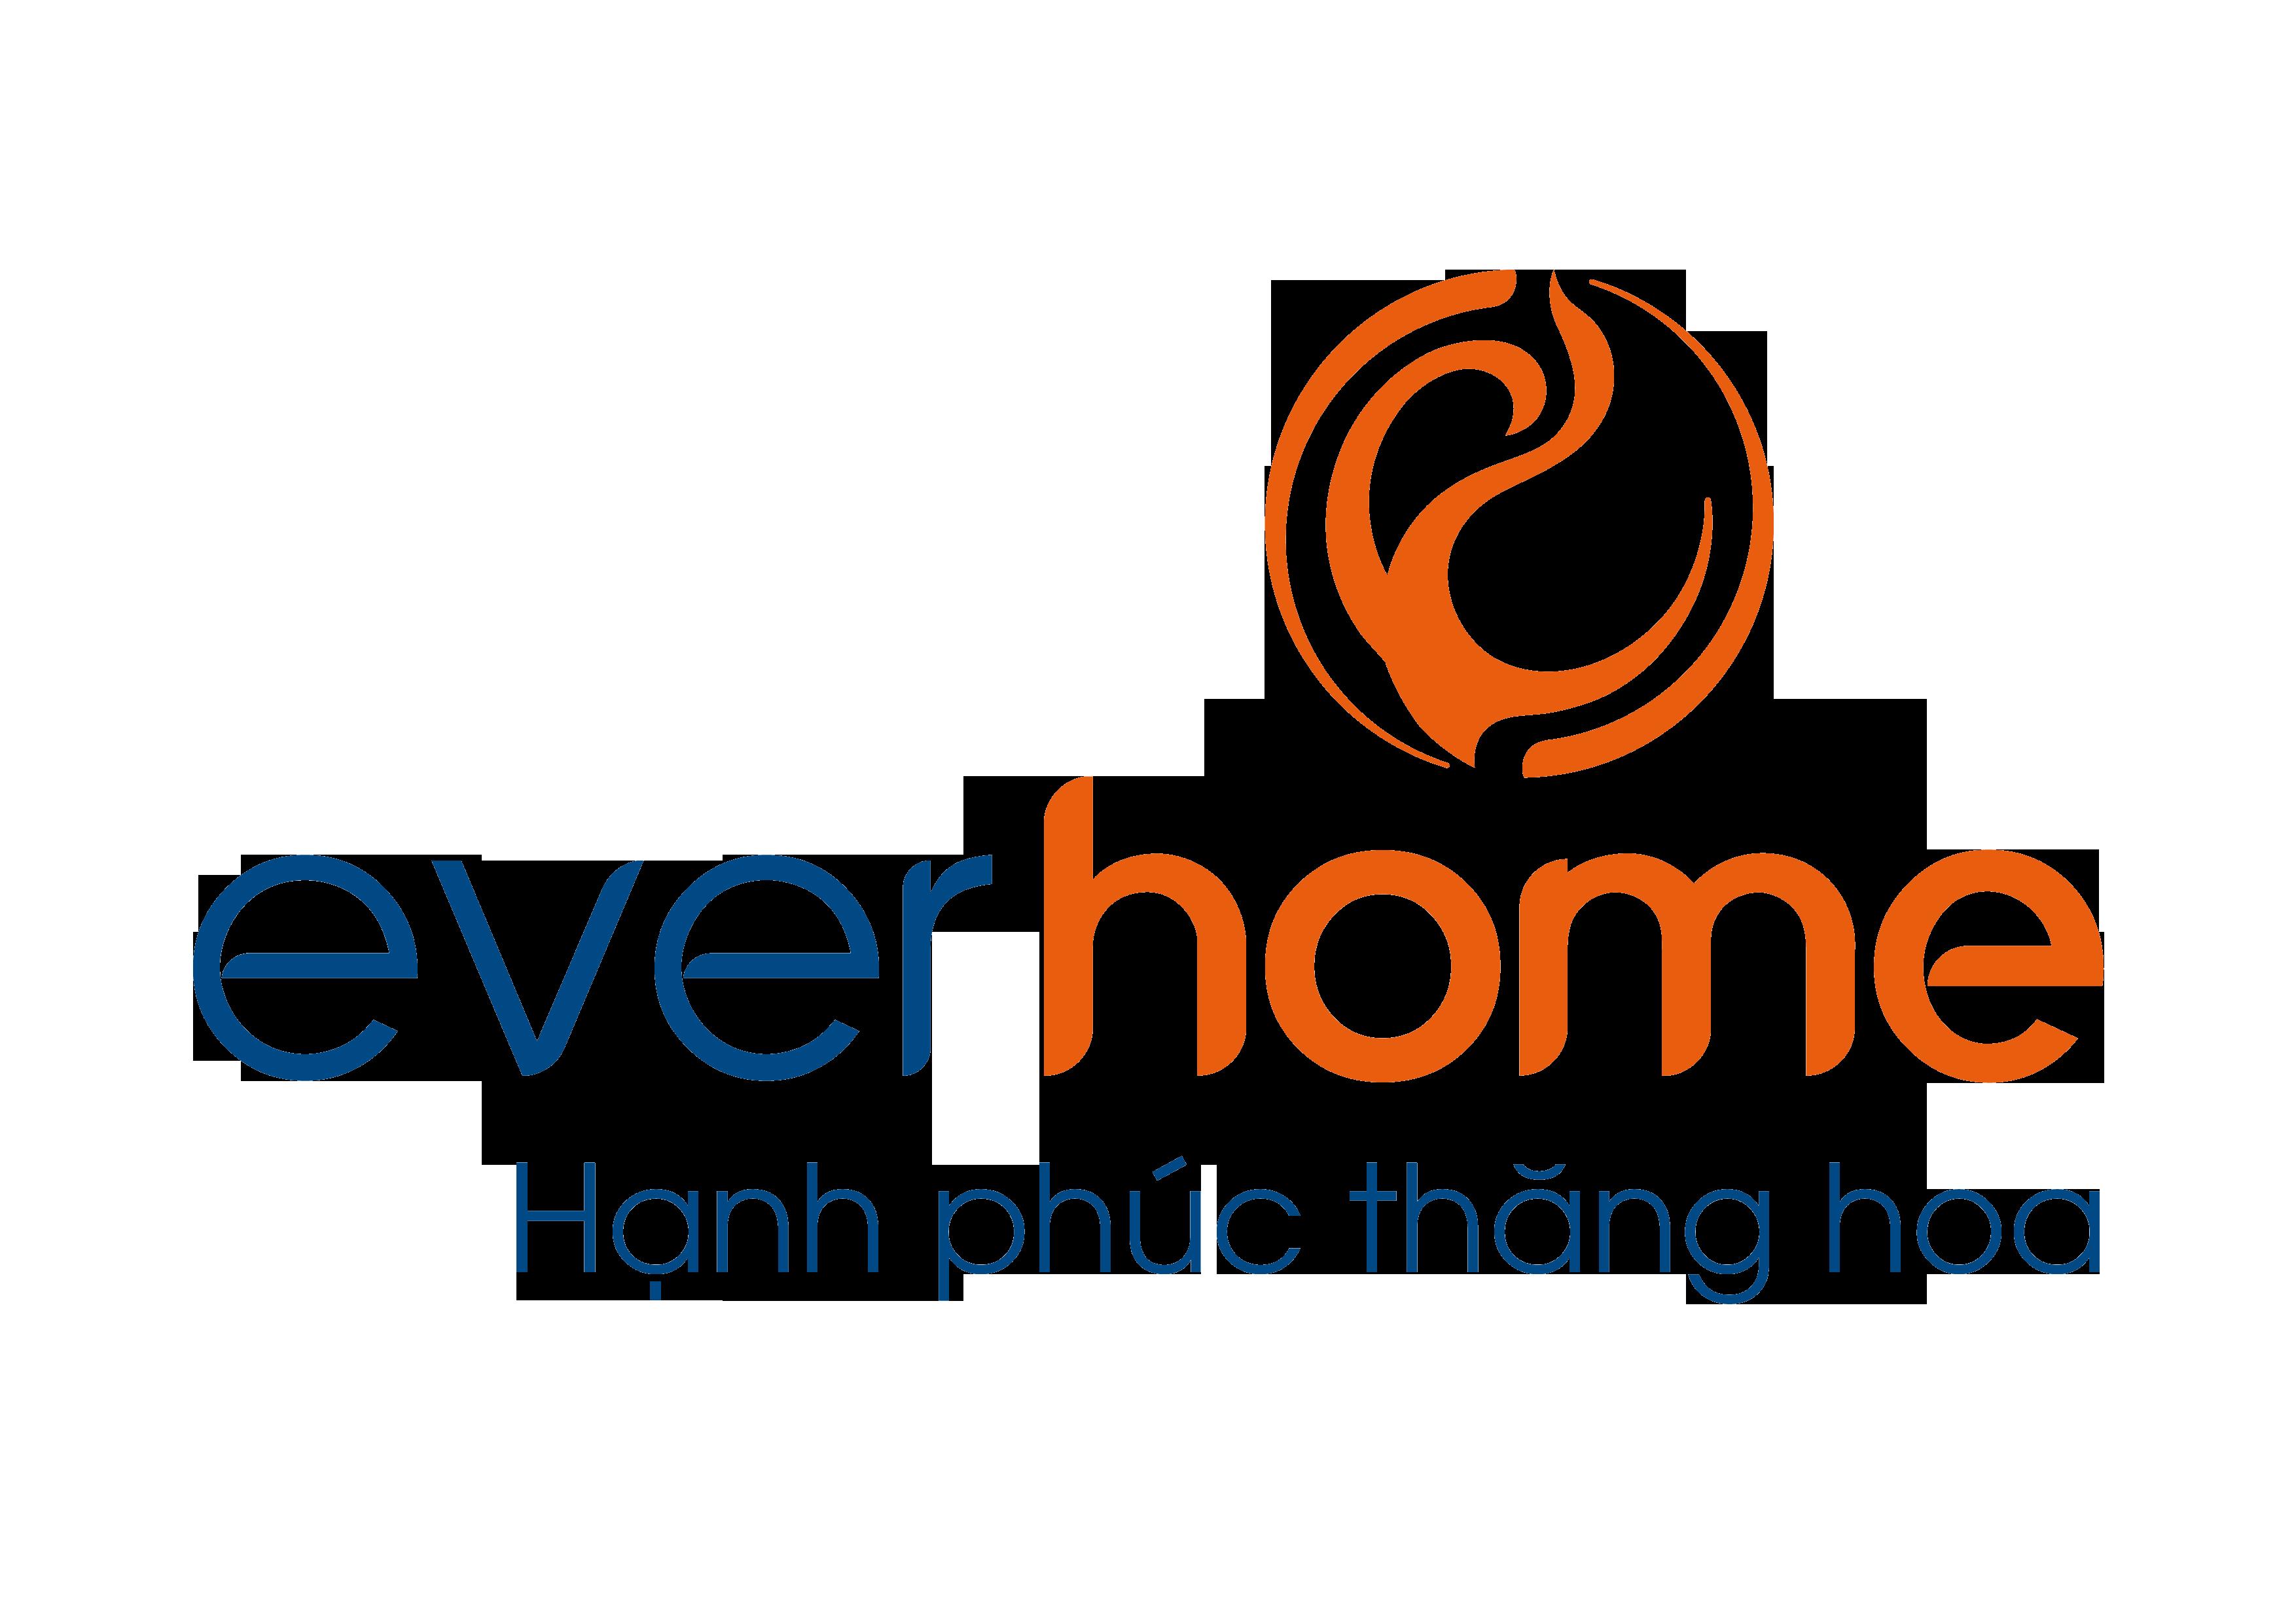 Everhomevietnam.com